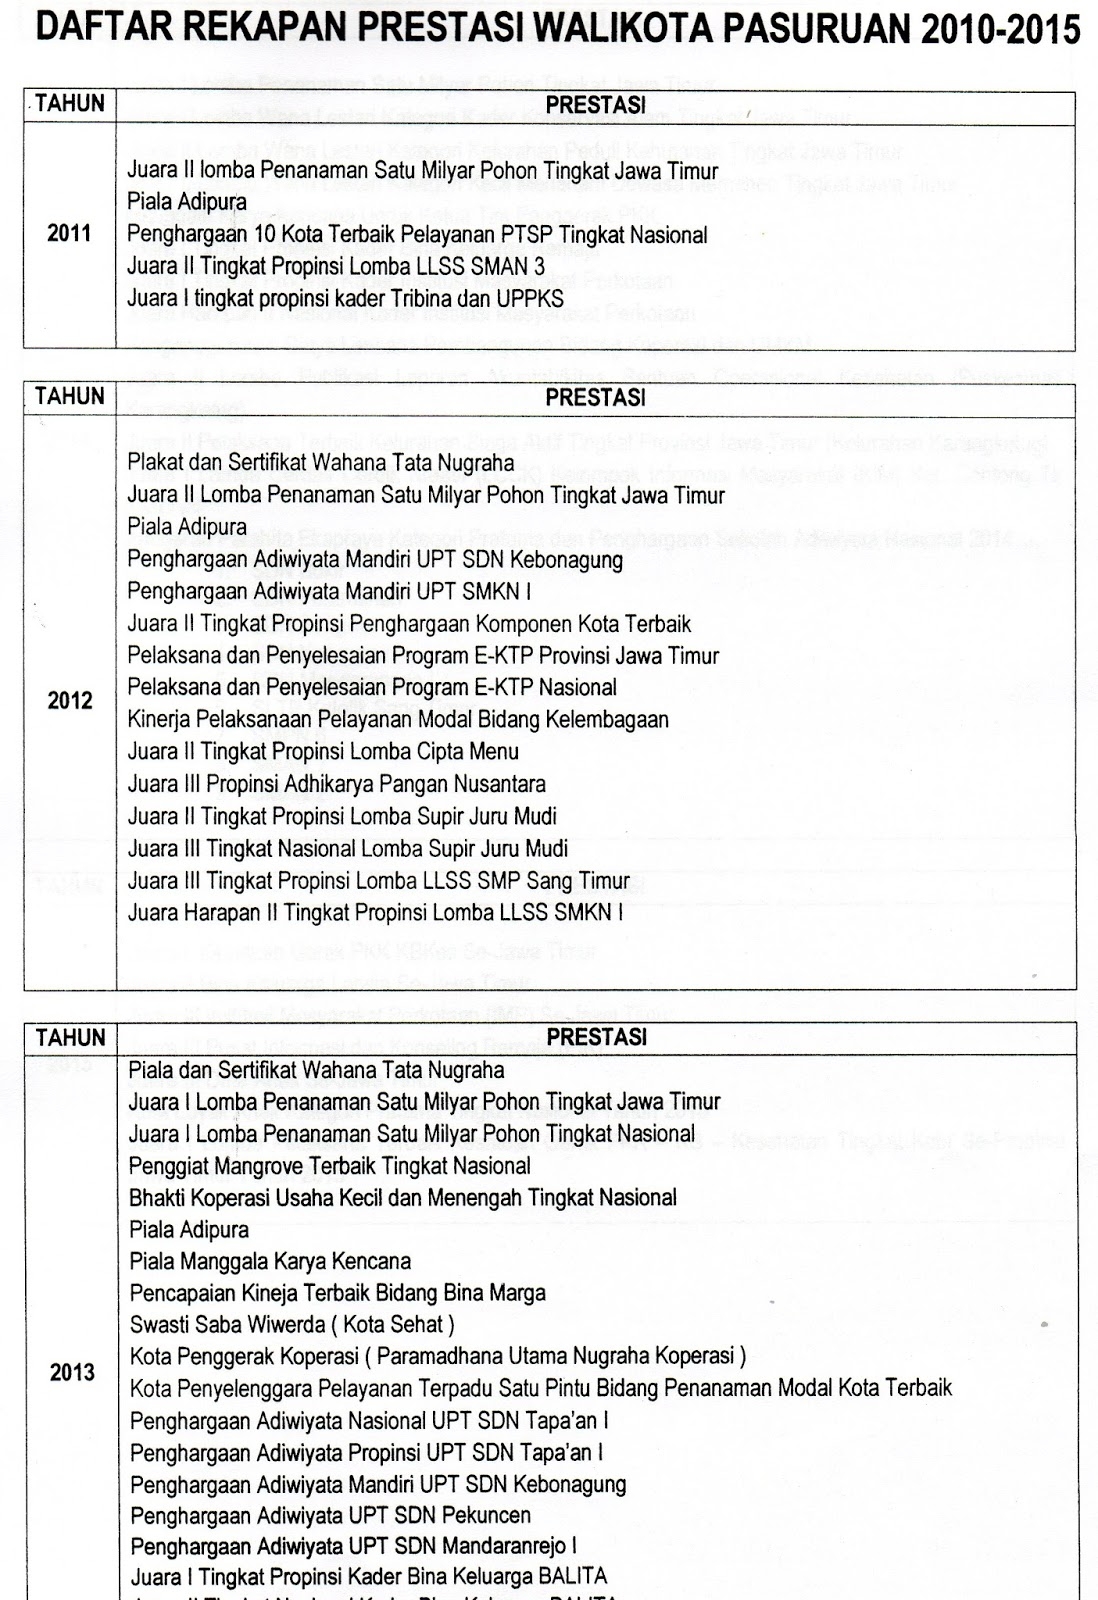 Profil Singkat Wali Kota Pasuruan H Hasani Pasuruan Untuk Semua